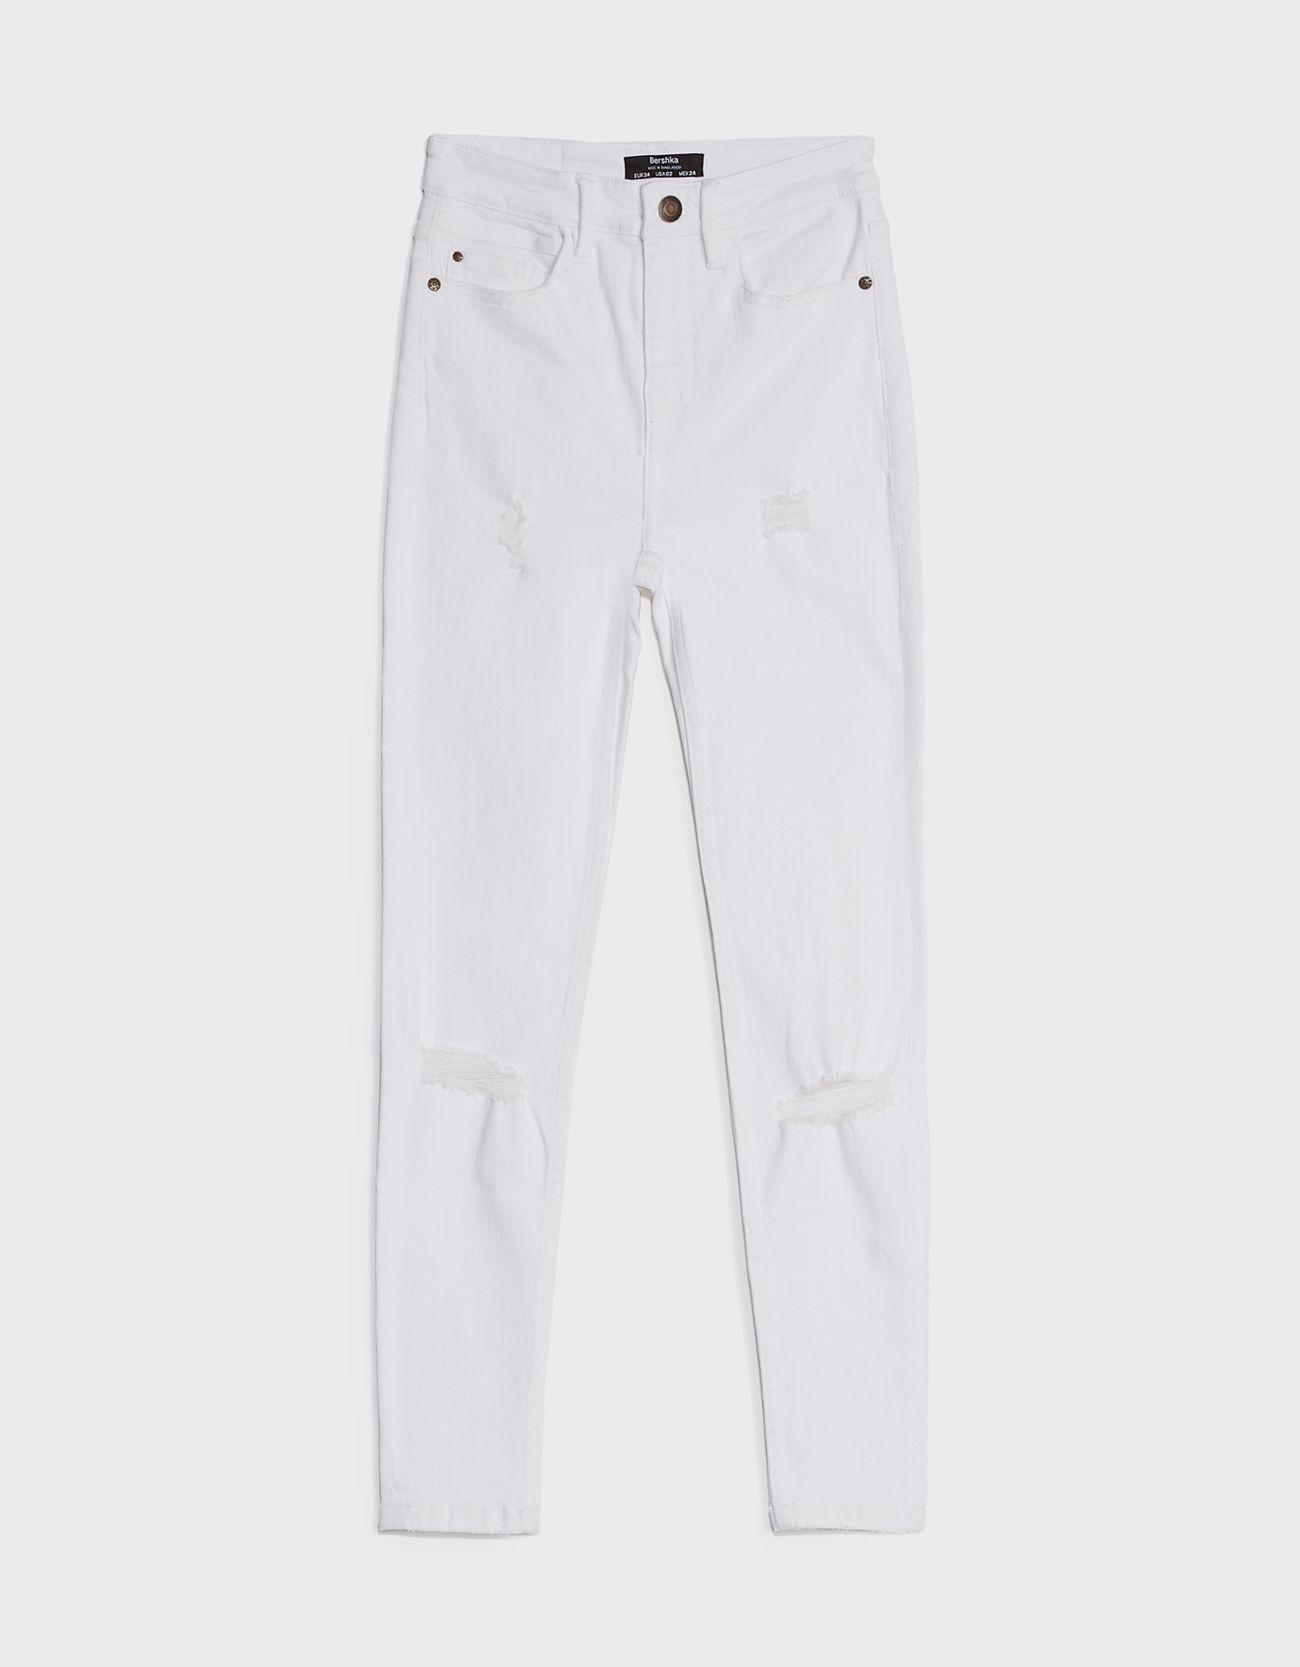 Pantalon blanco de Bershka.